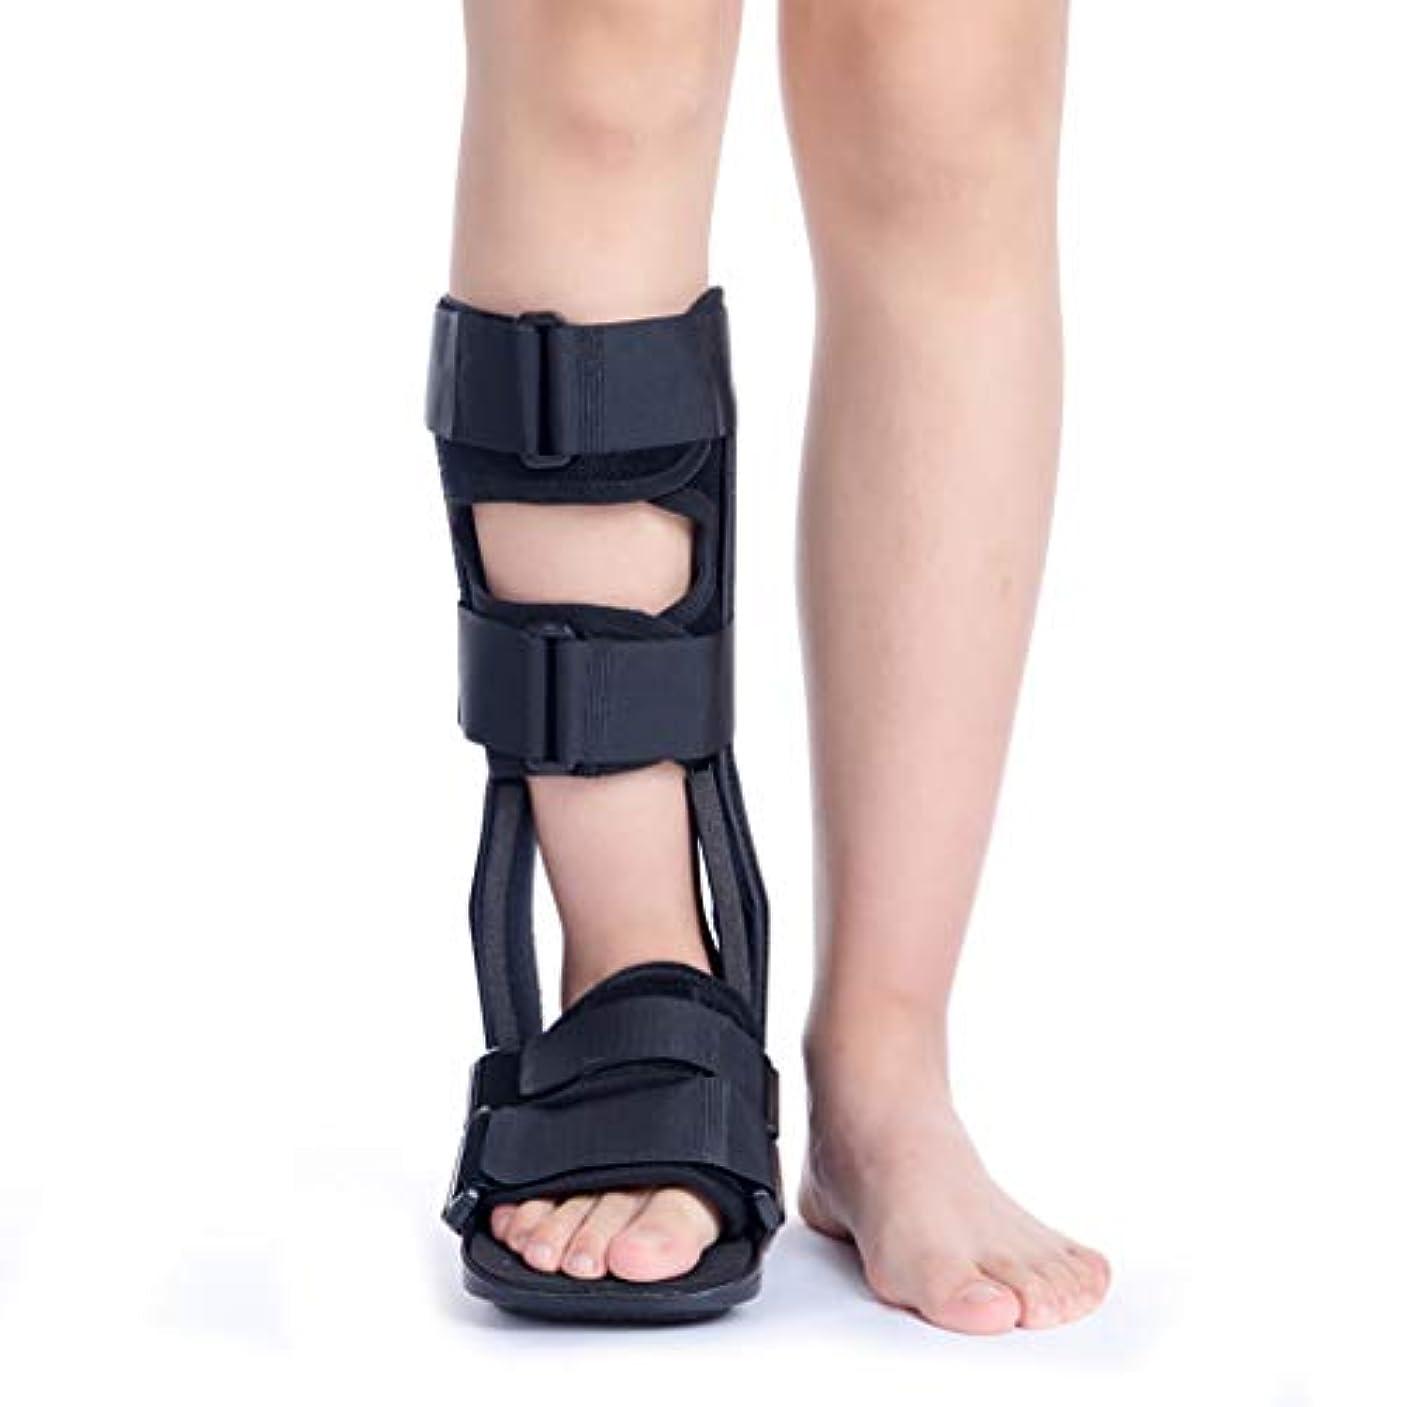 出発ビジュアル汚染する足の骨折の回復、保護および足や足首のけがの後の癒しのための短い壊れたつま先ブーツ、医療整形外科ウォーカーブーツ